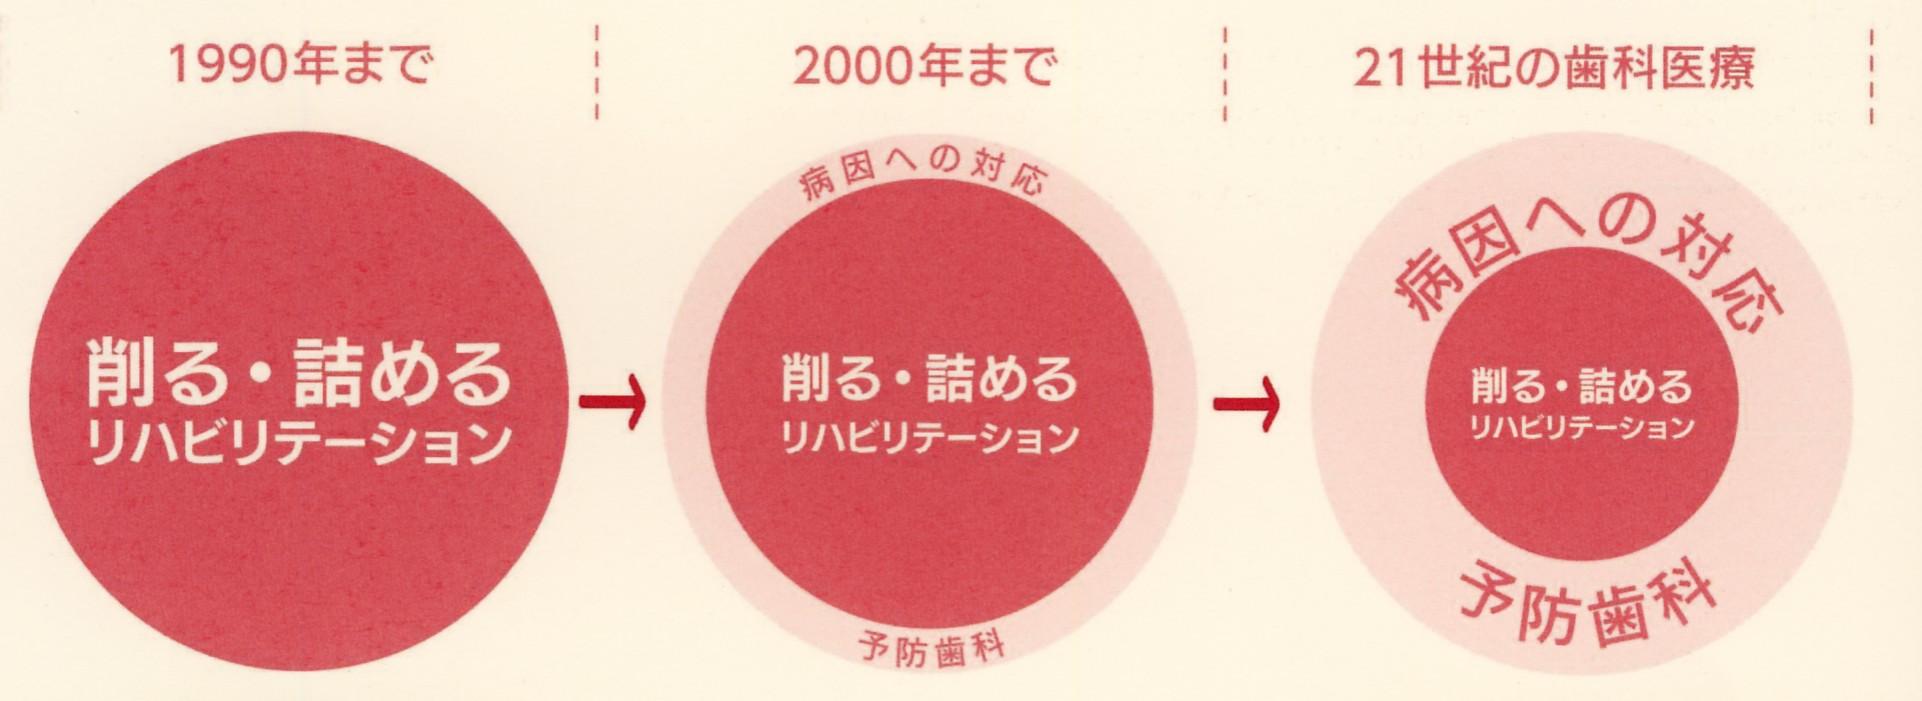 図1:パラダイムシフト